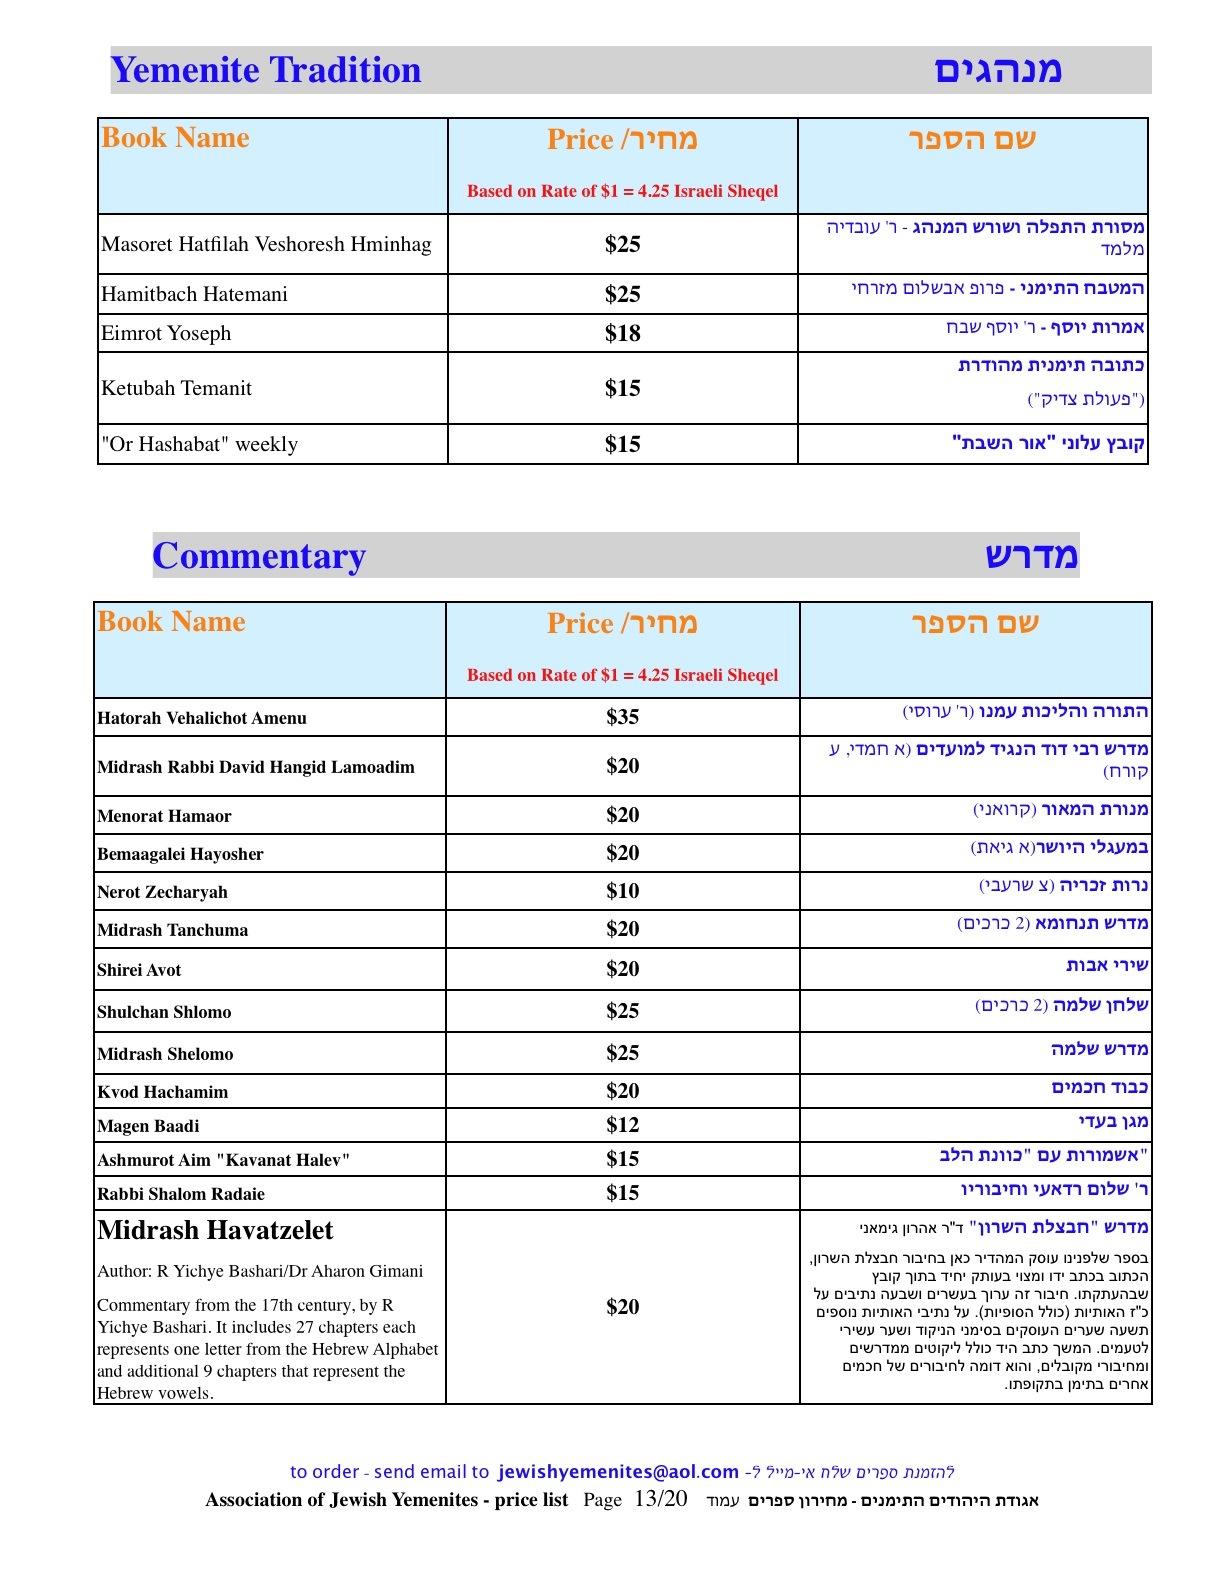 Jewish Yemenite,Jews of Yemen, Yemenite Jews,Temani,Tiklal